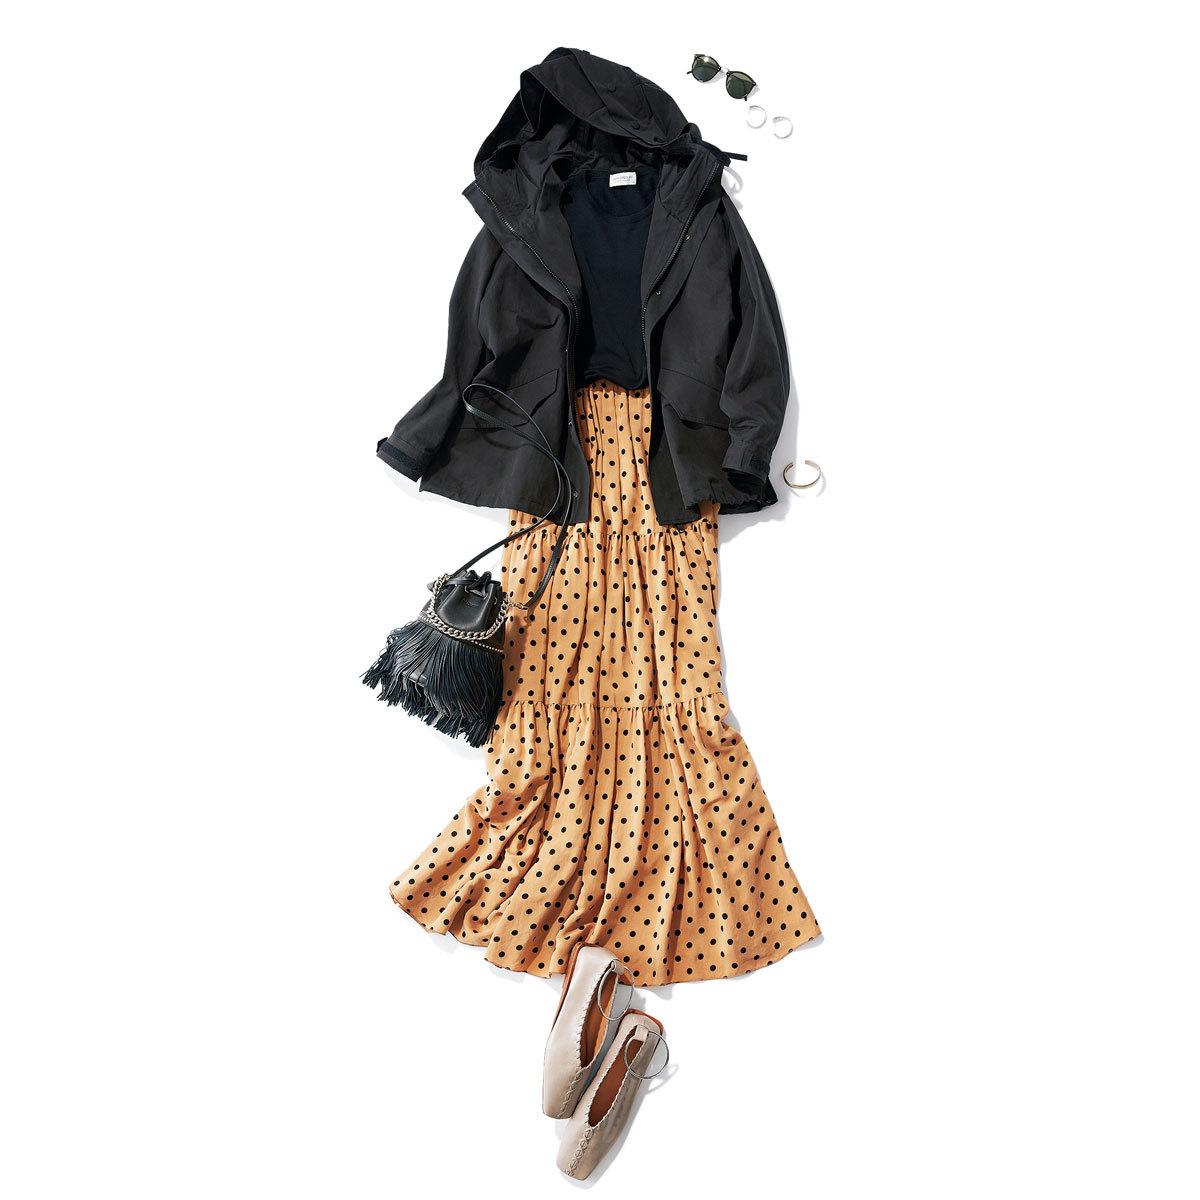 ドットスカート×フィールドジャケット